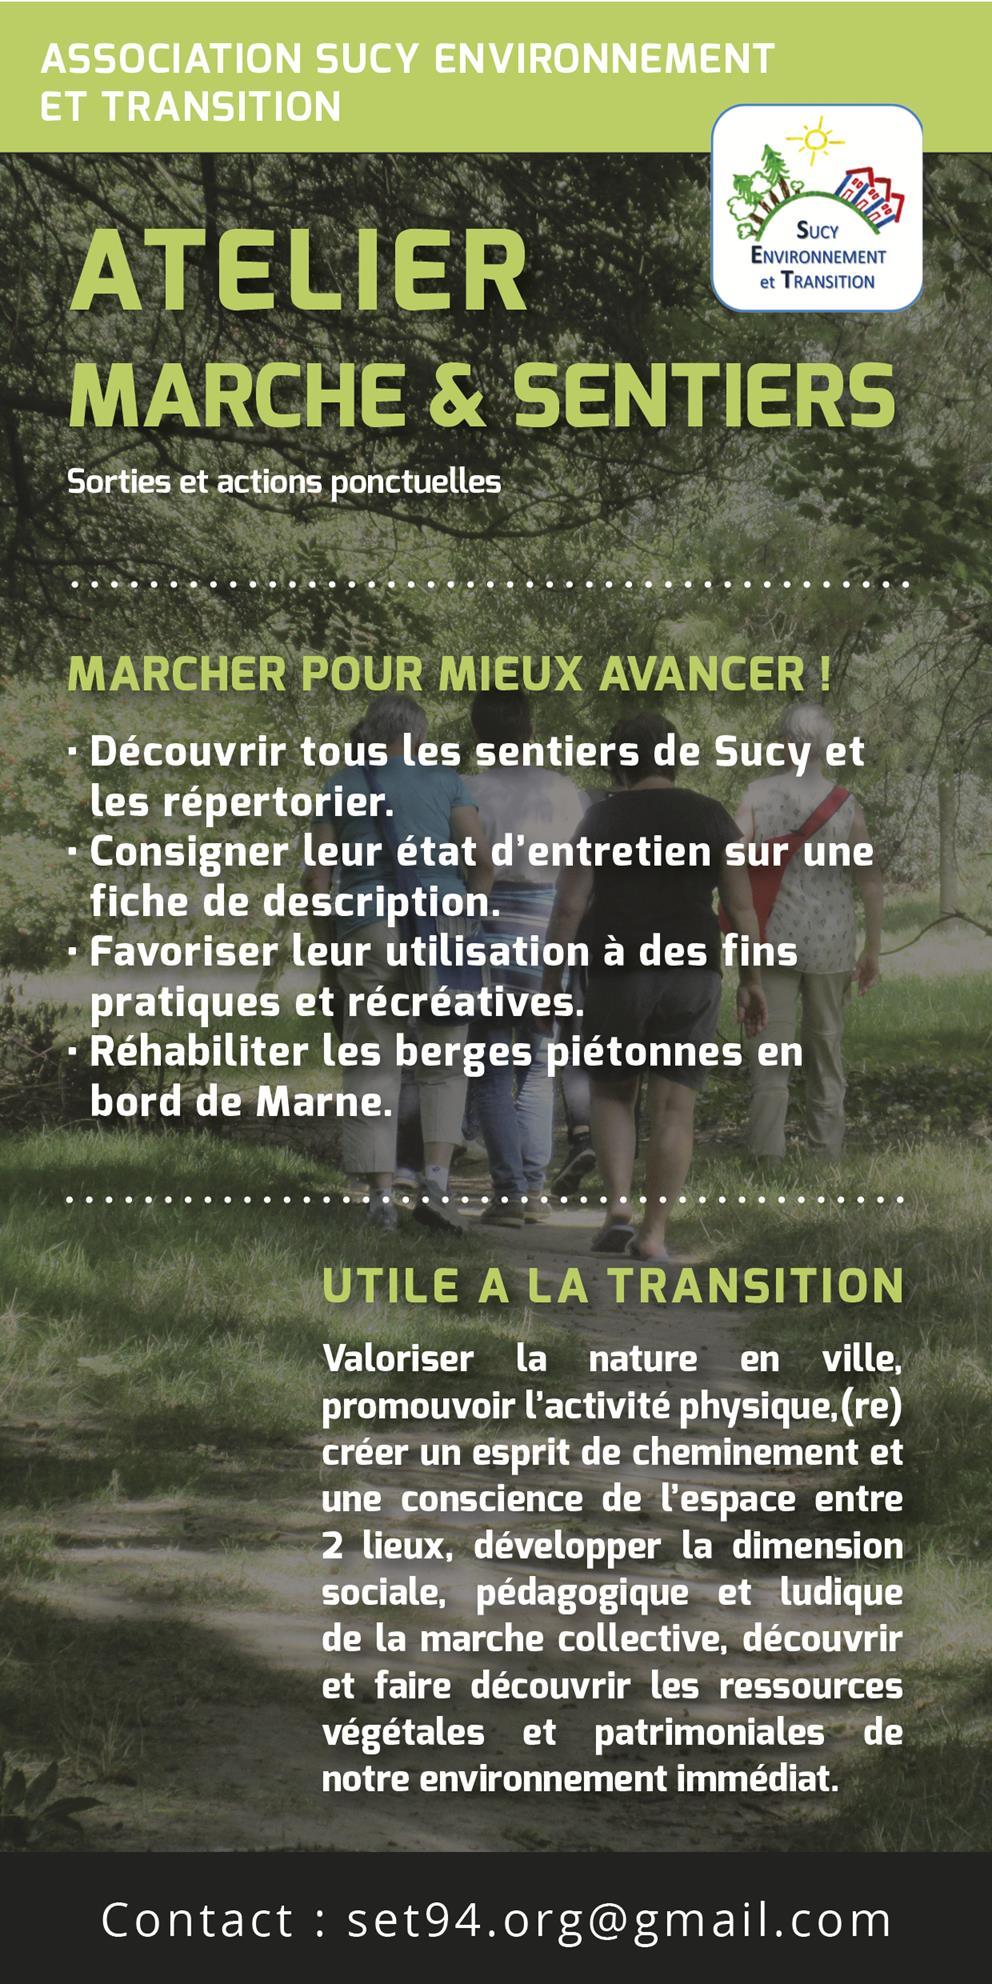 Atelier_marche (Copy)